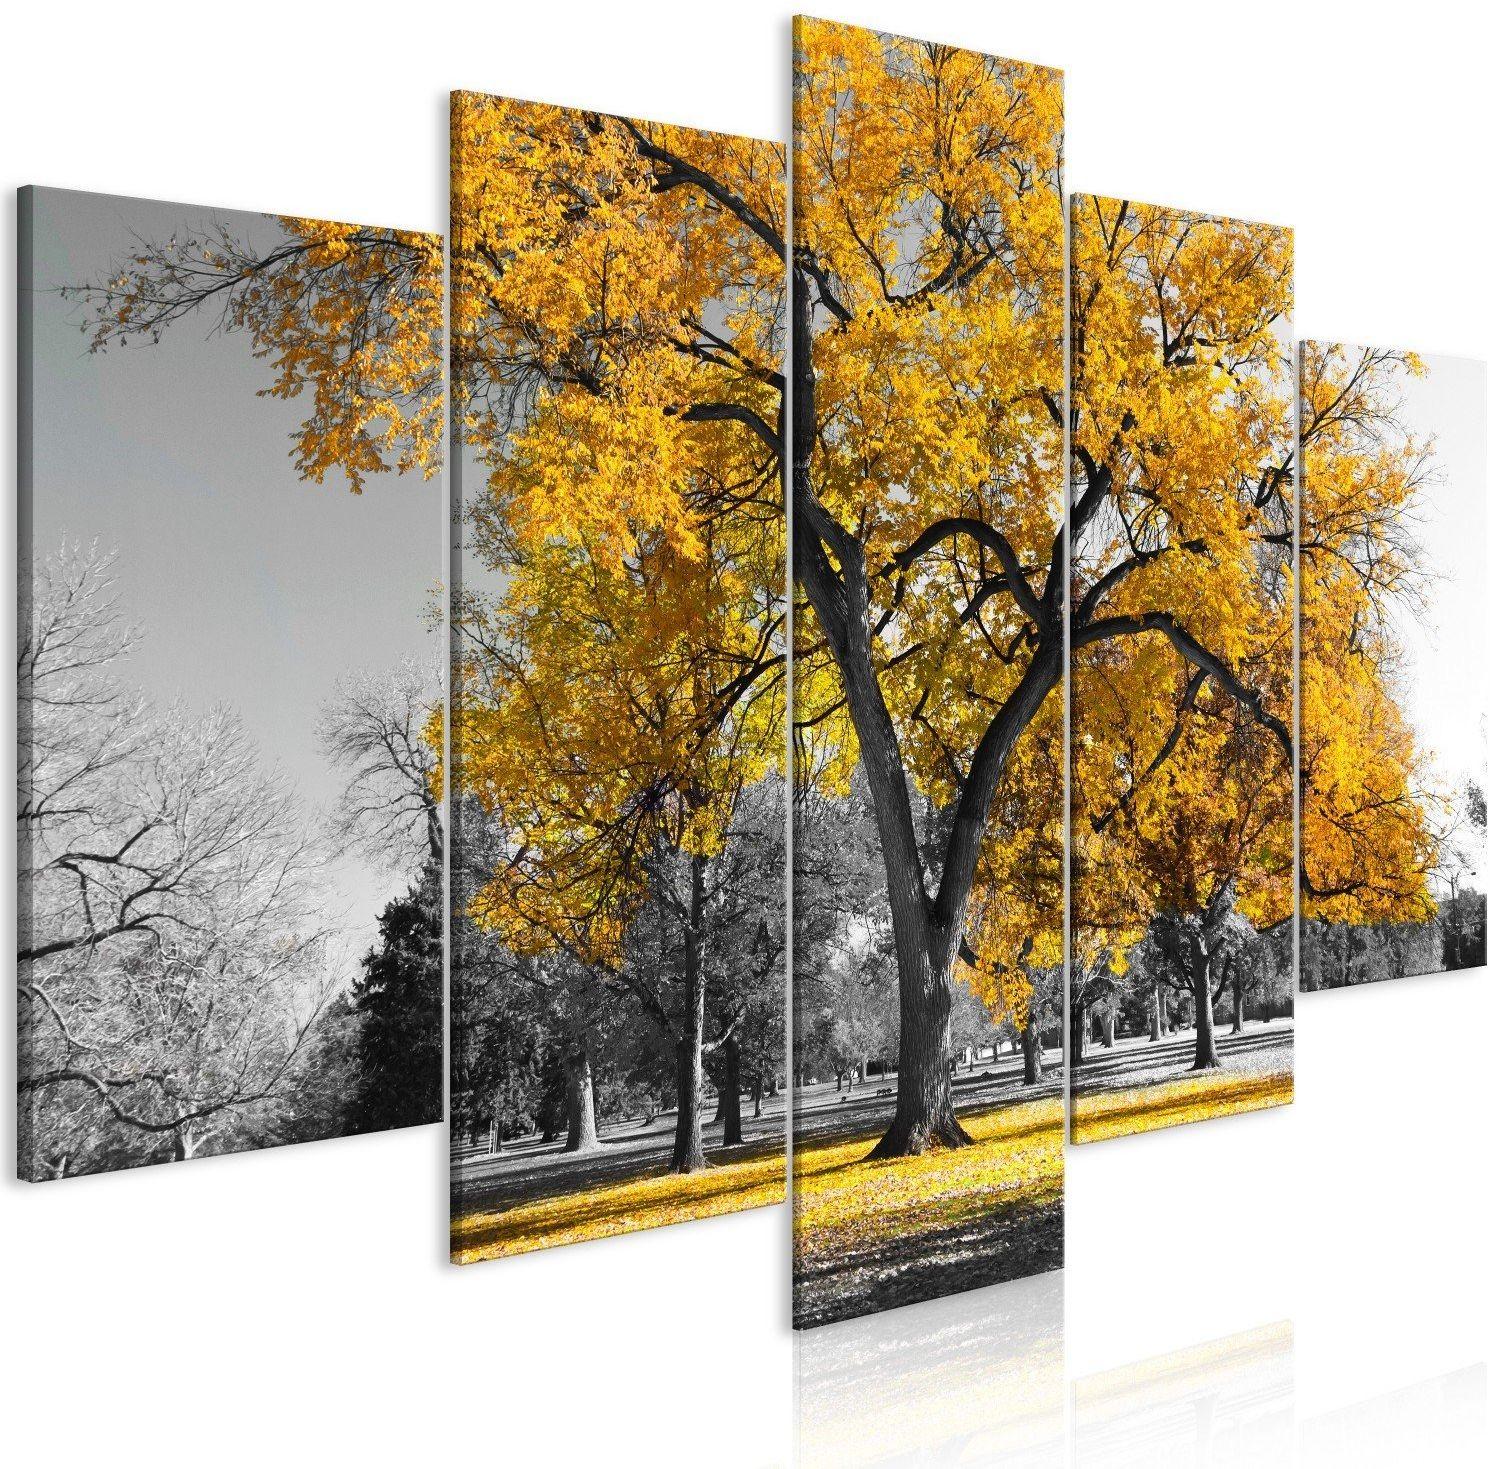 Obraz - jesień w parku (5-częściowy) szeroki złoty